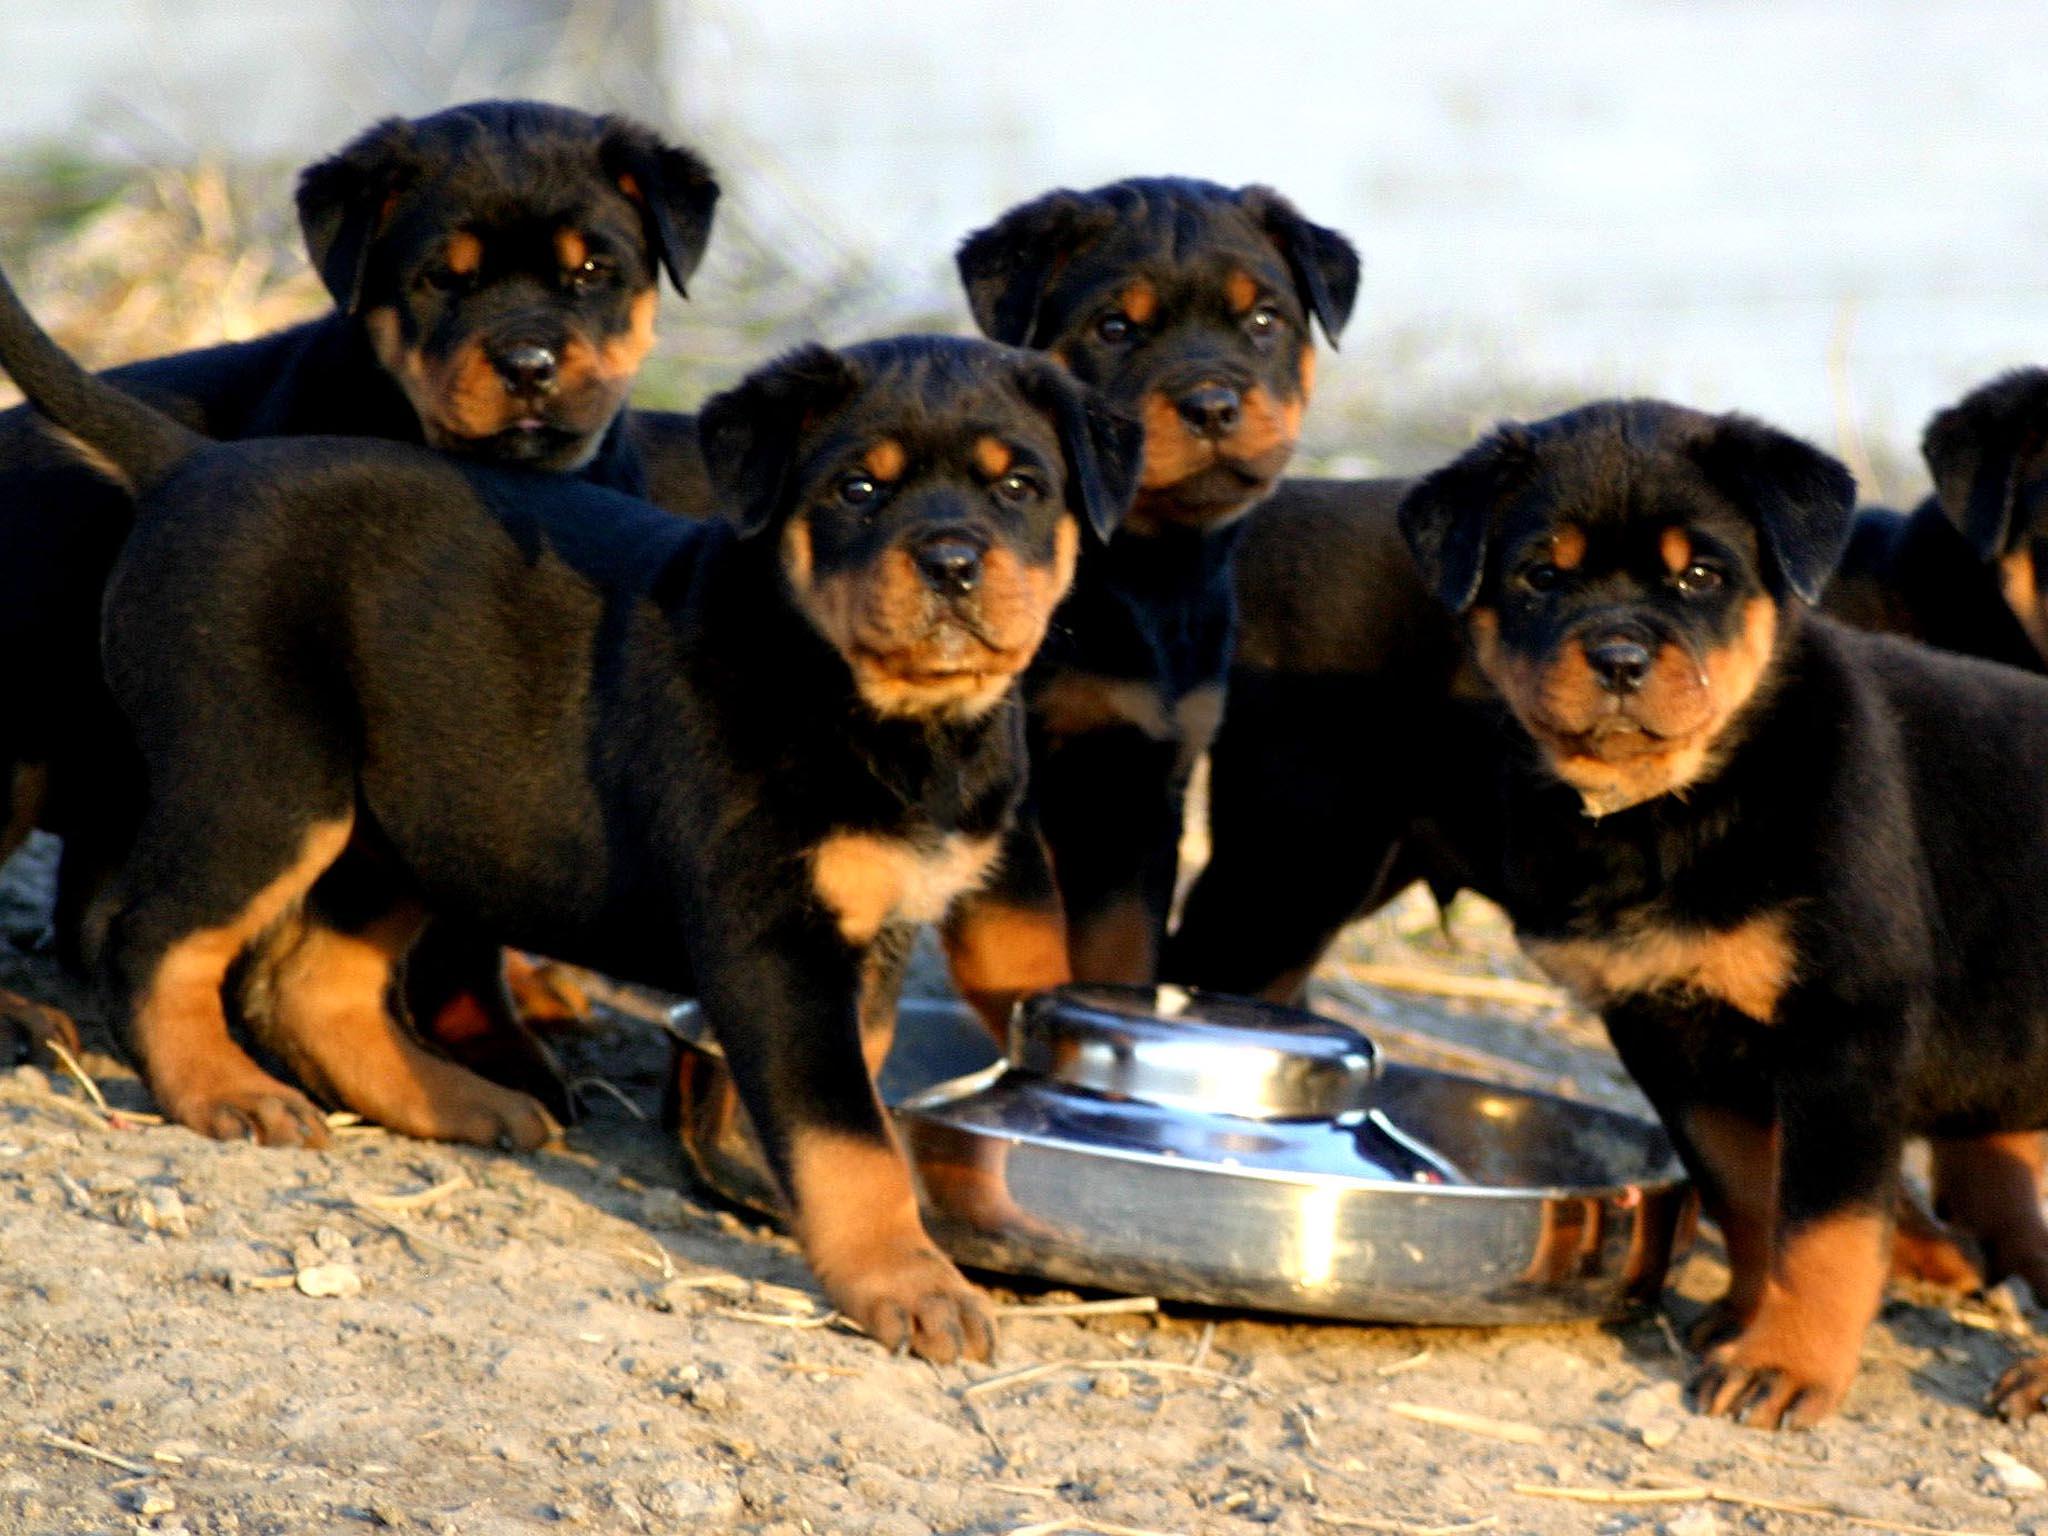 Cute rottweiler puppies eating wallpaper